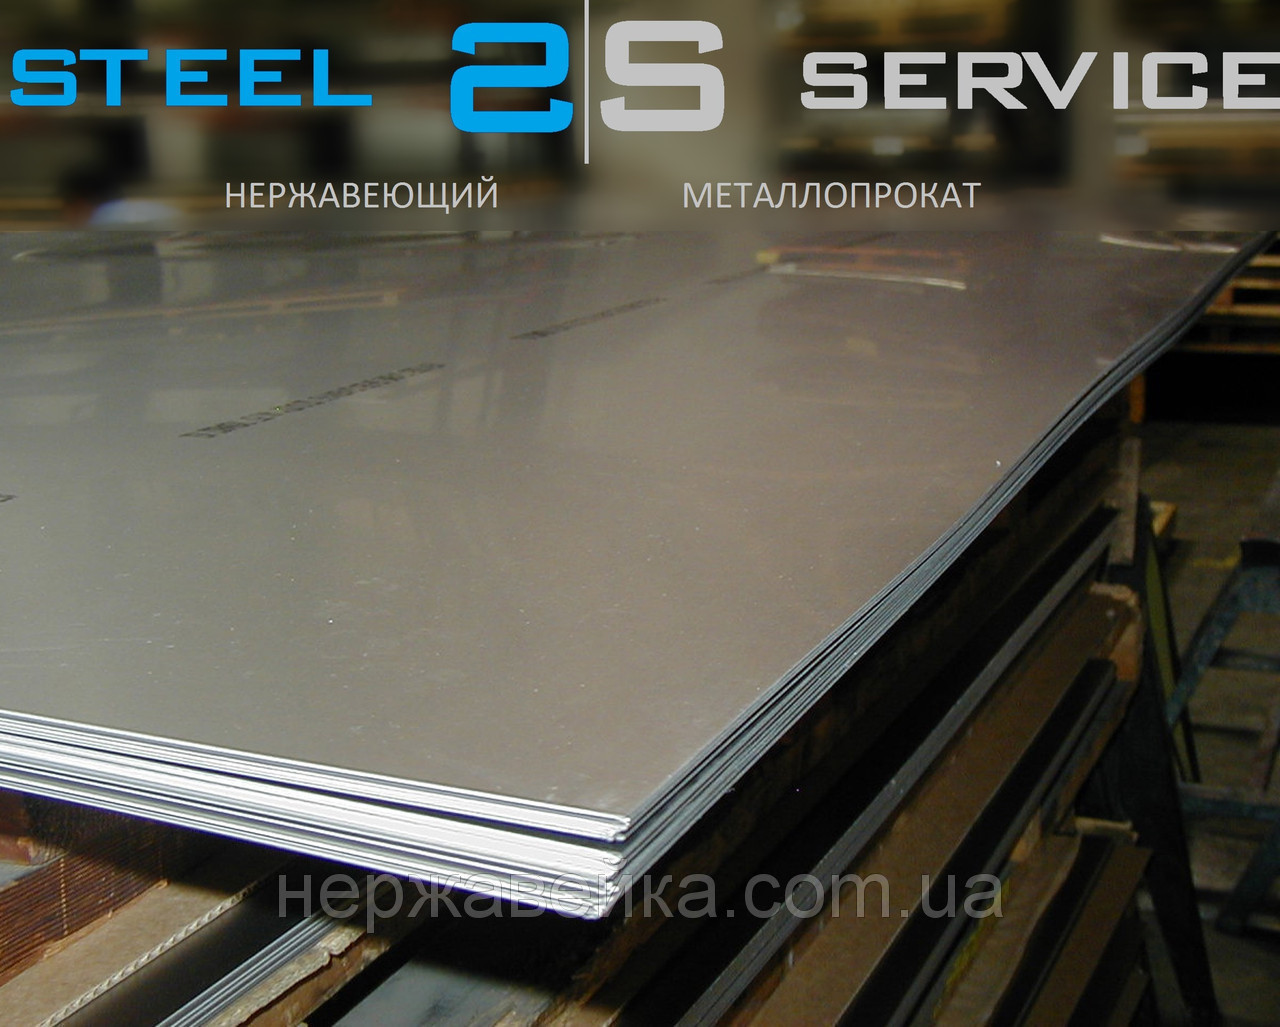 Нержавейка лист 5х1500х6000мм  AISI 321(08Х18Н10Т) F1 - горячекатанный,  пищевой